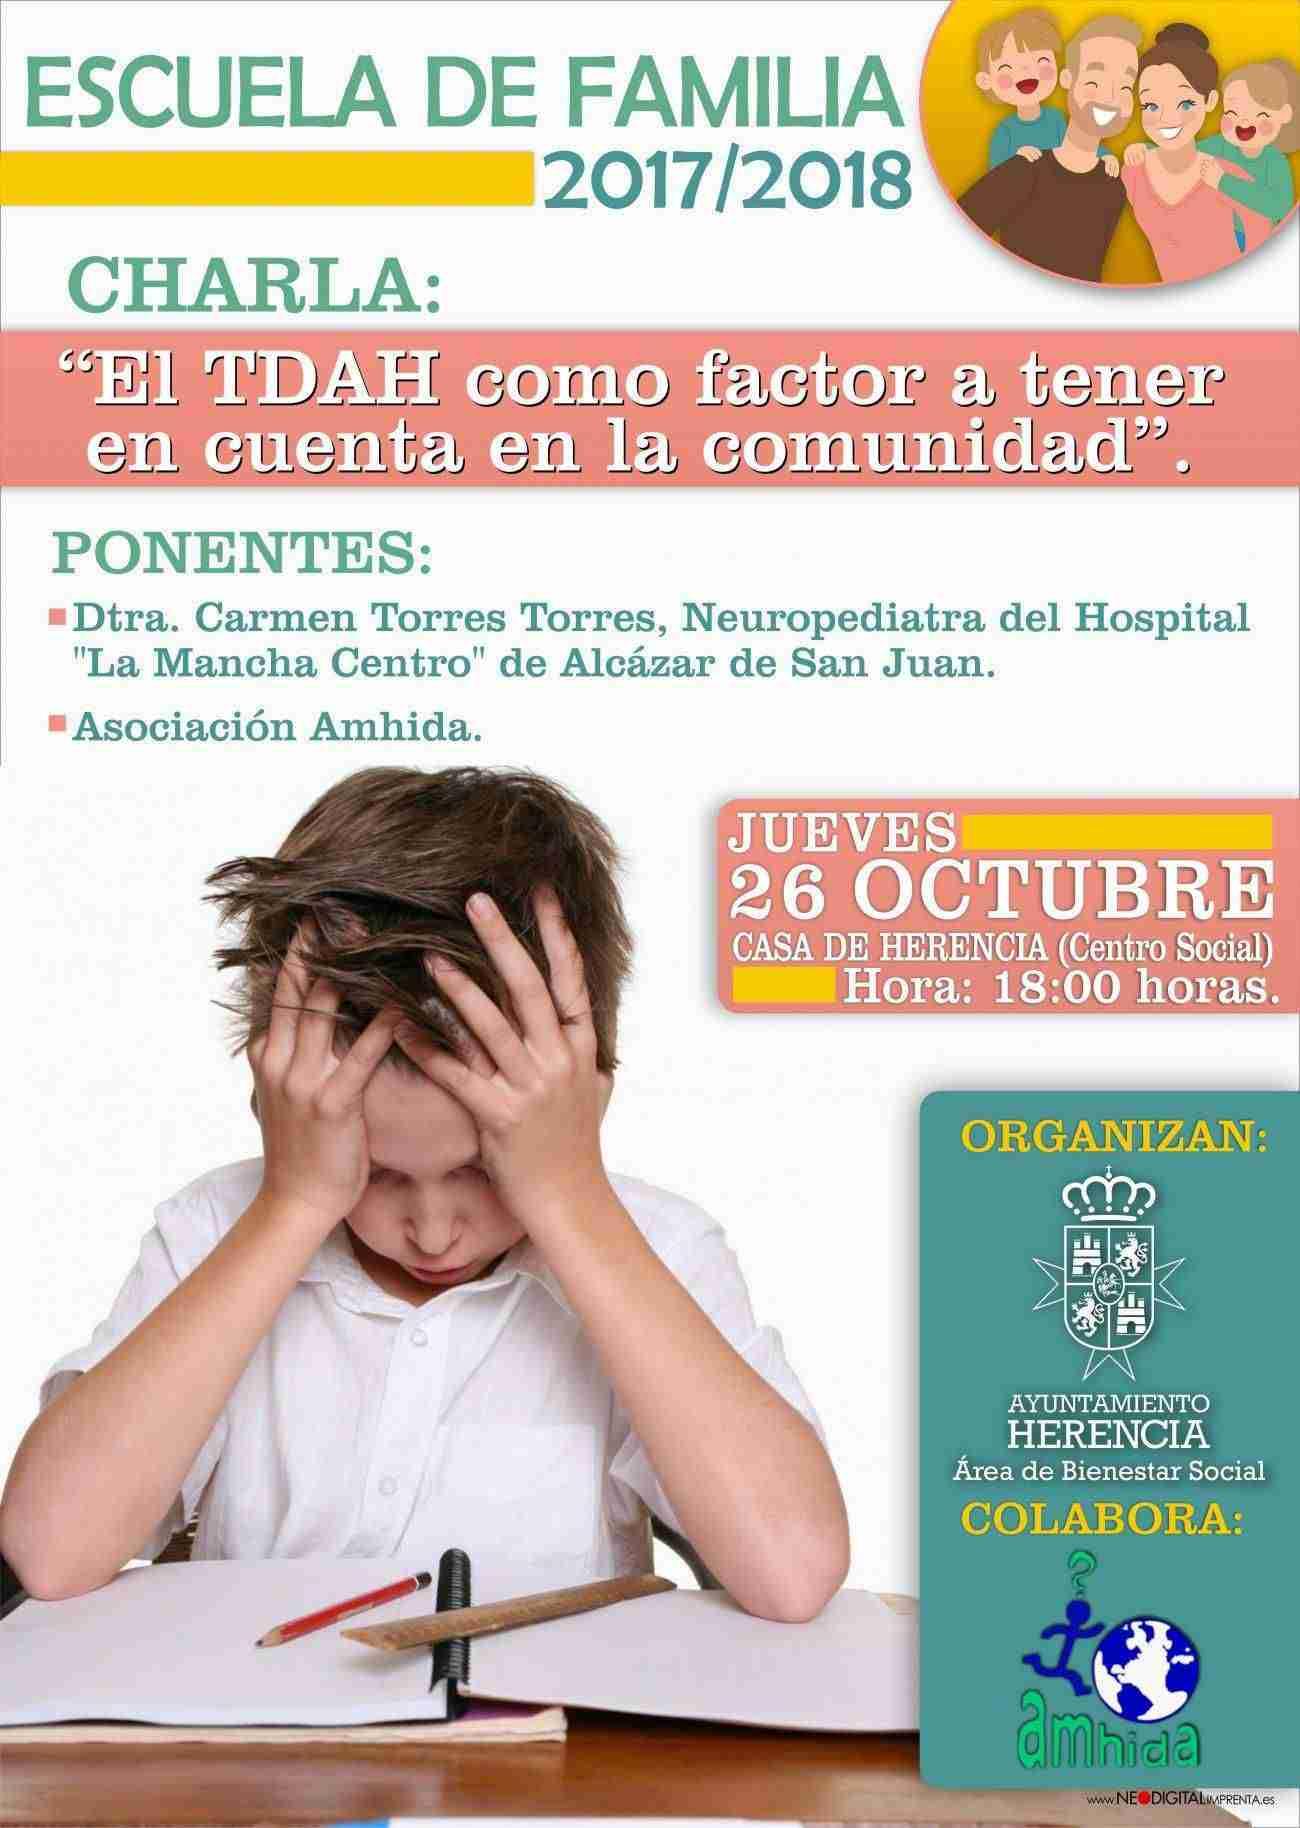 La Escuela de Familia inicia su temporada en Herencia con una charla sobre TDAH 3